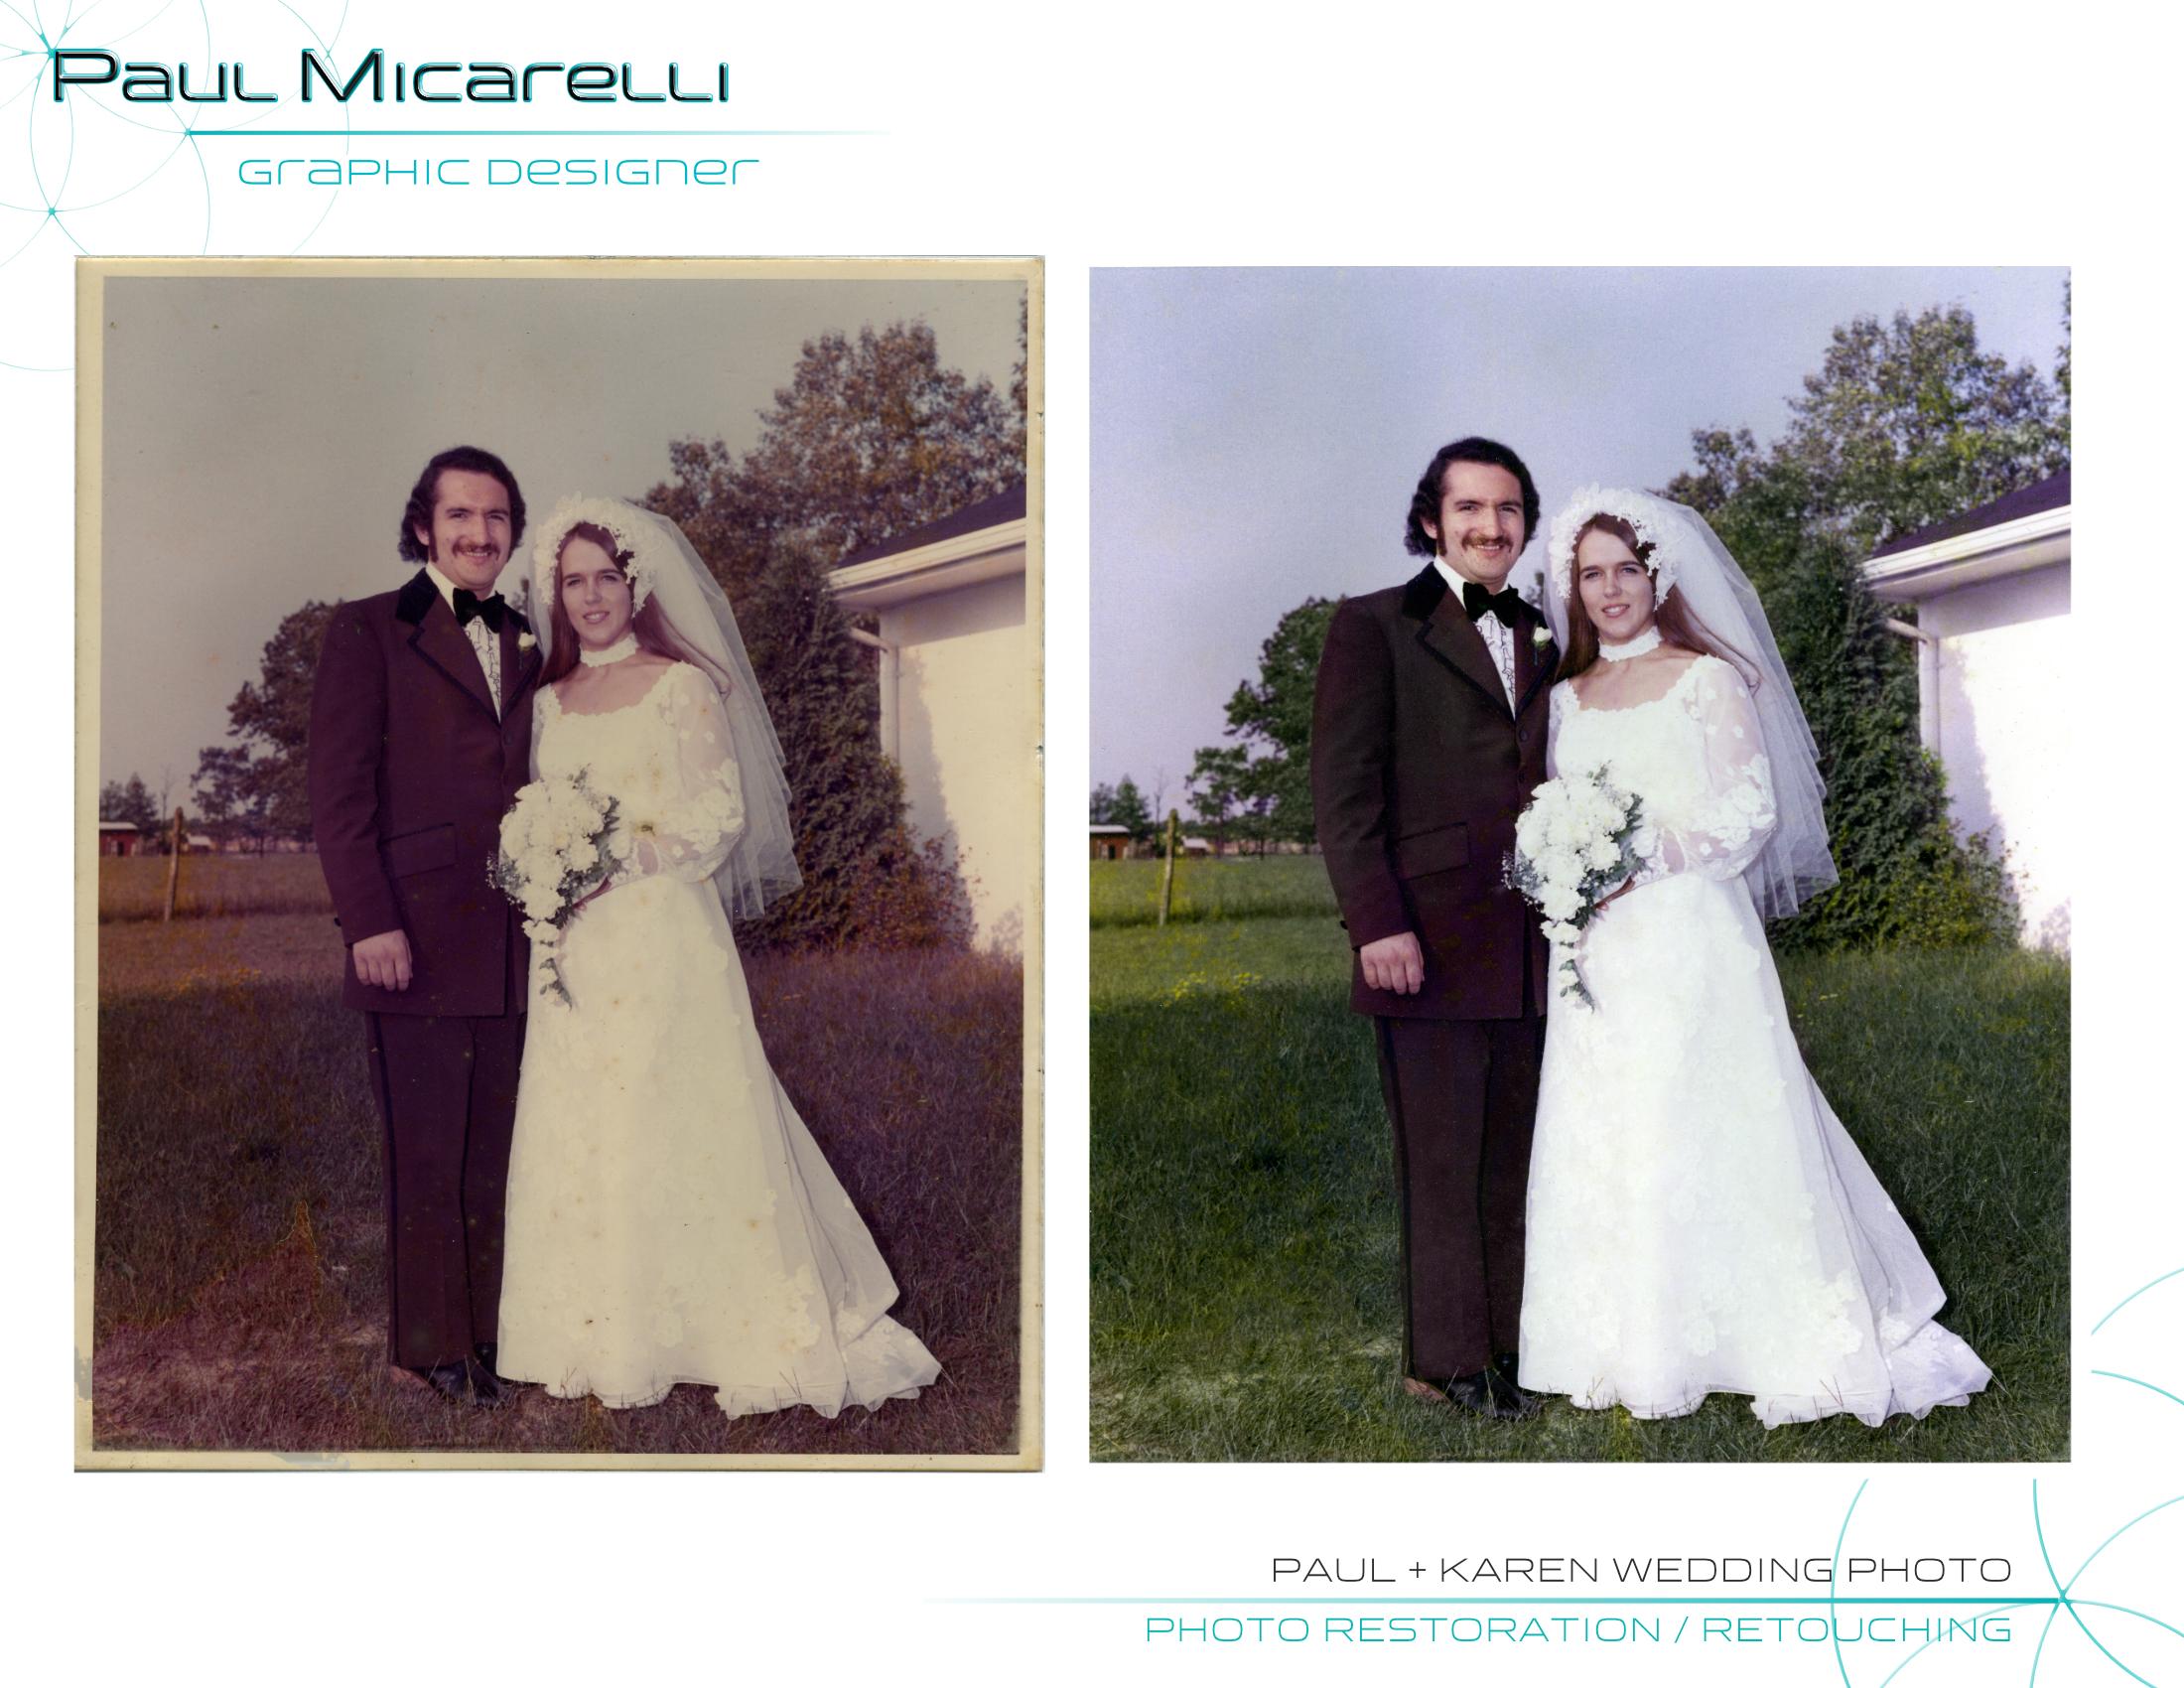 Paul-Micarelli-Paul Karen Wedding Photo.